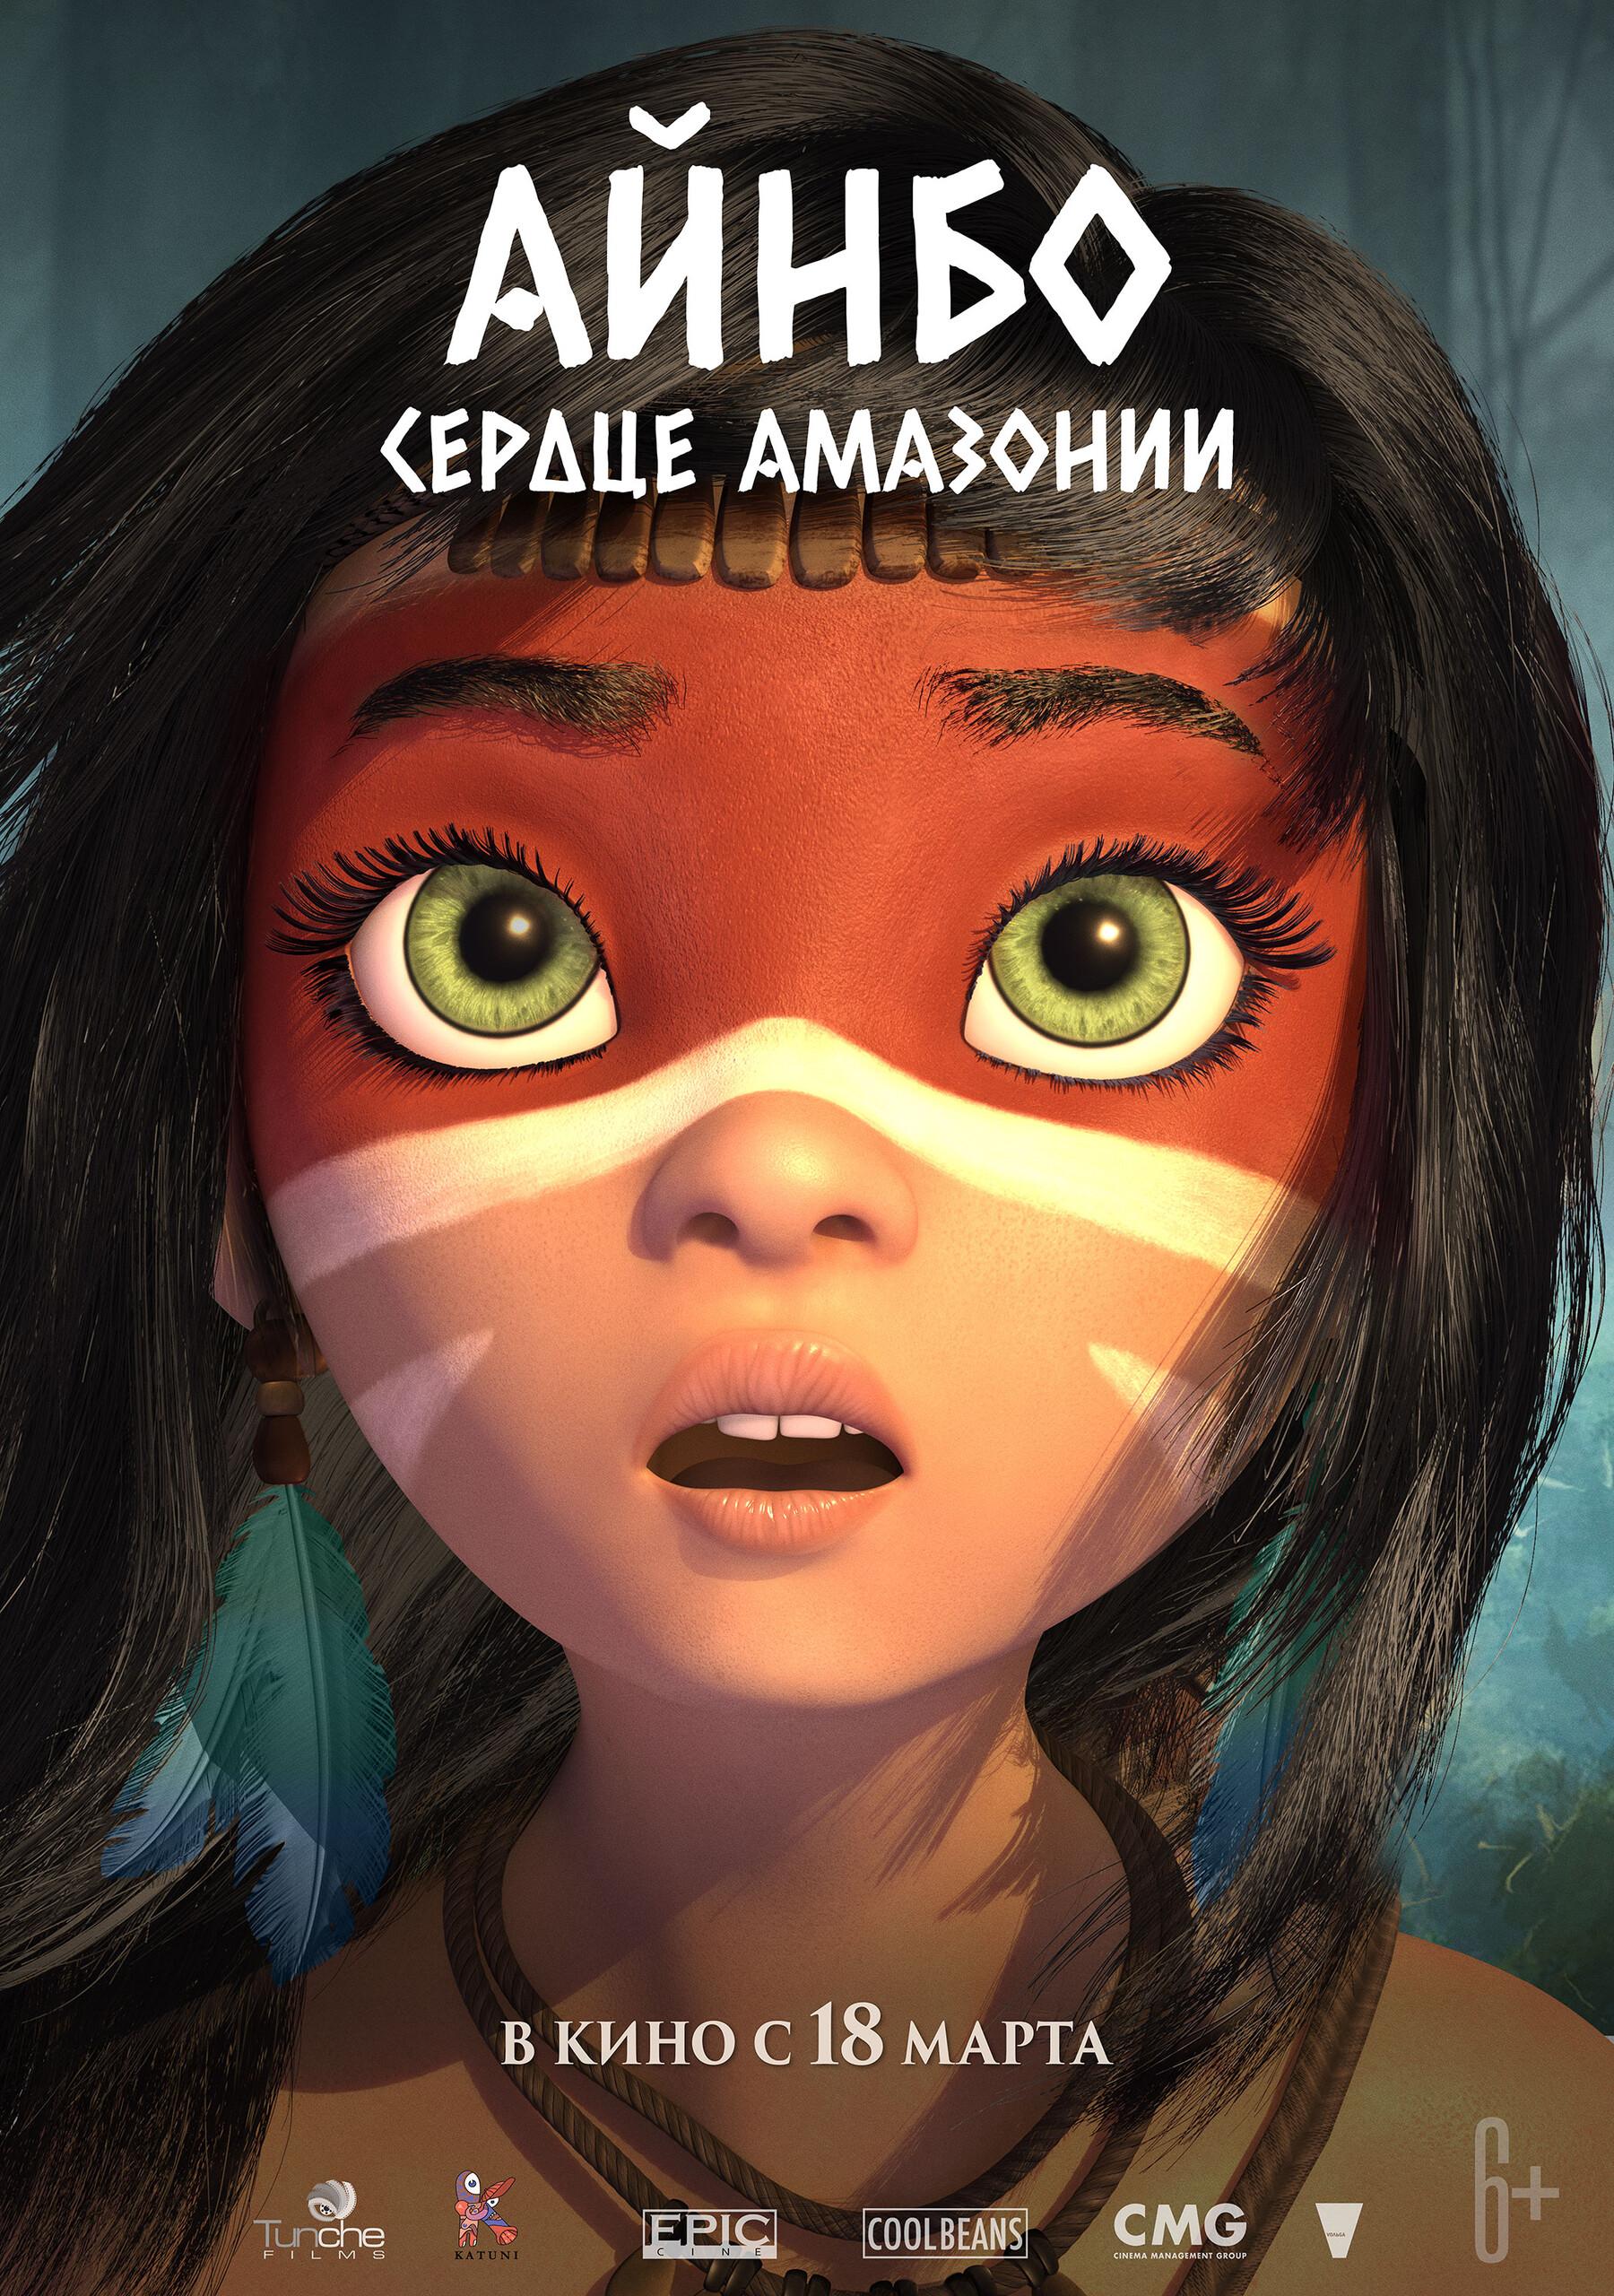 Айнбо. Сердце Амазонии, постер № 1